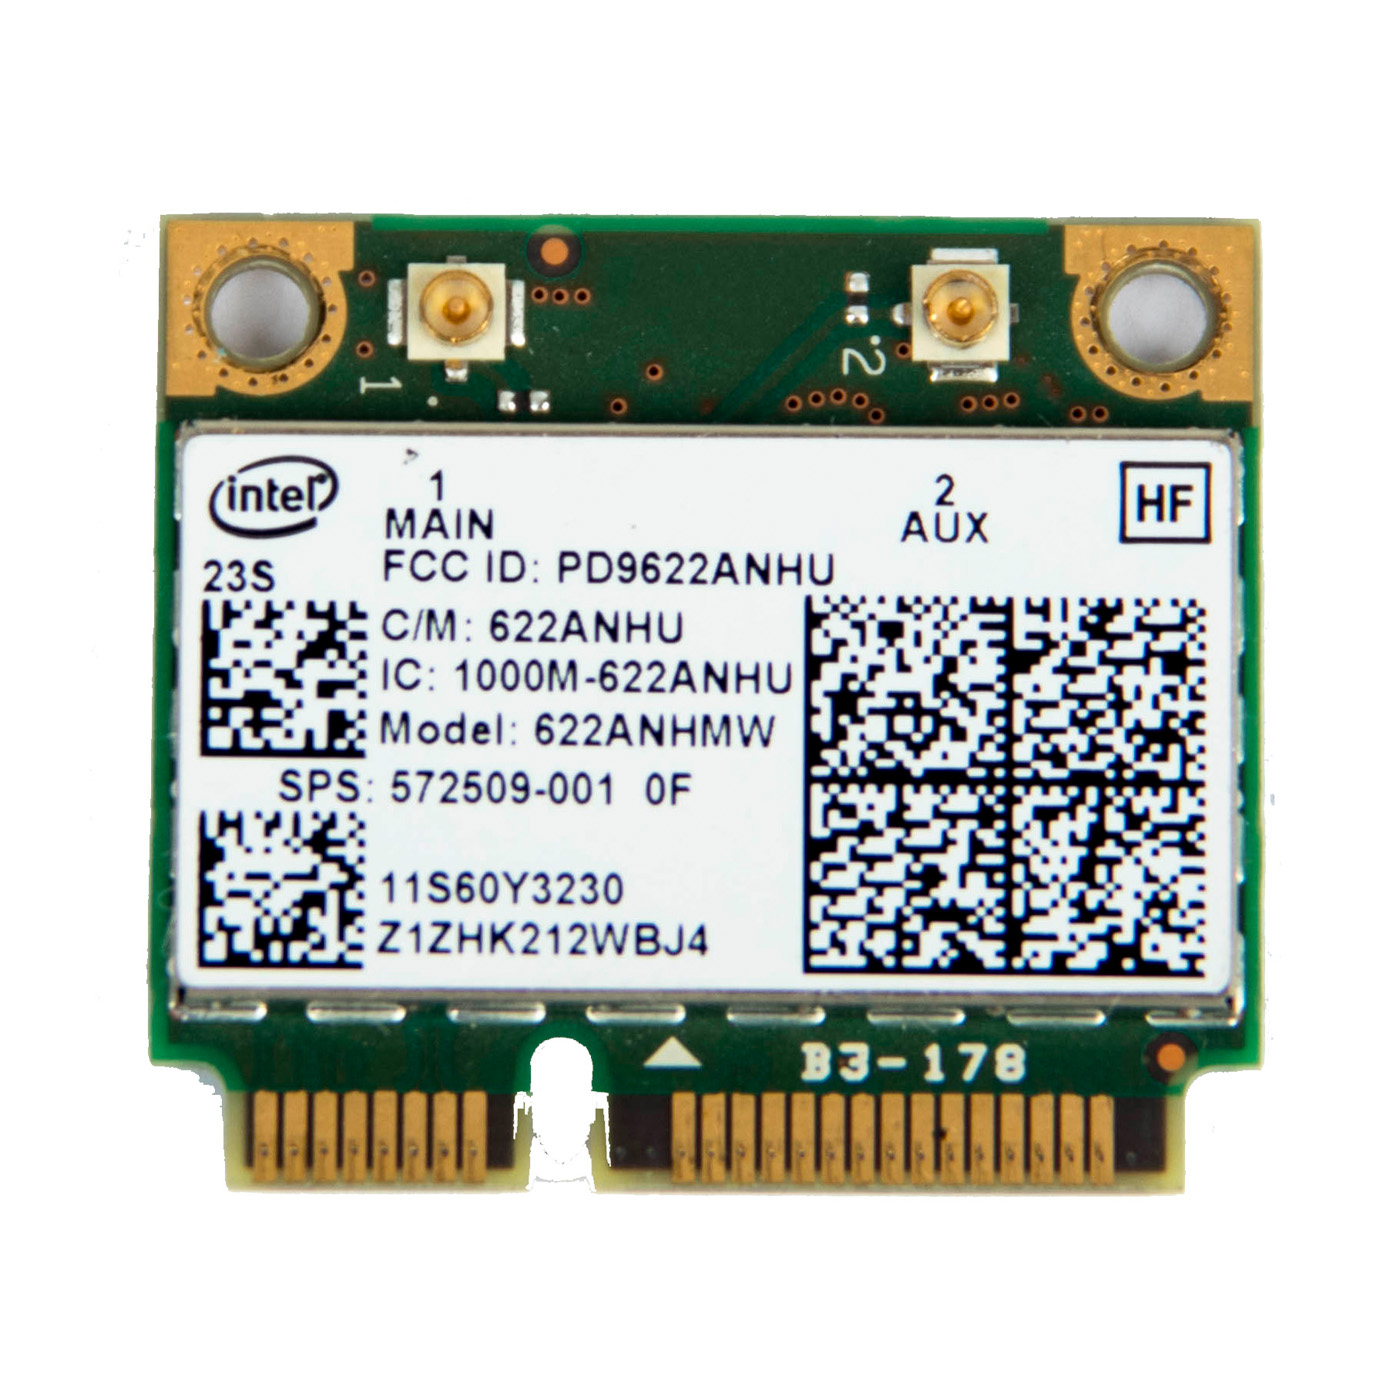 Moduł WiFi 6200 agn Lenovo ThinkPad T410 T510 W510 X201i X201 60Y3231